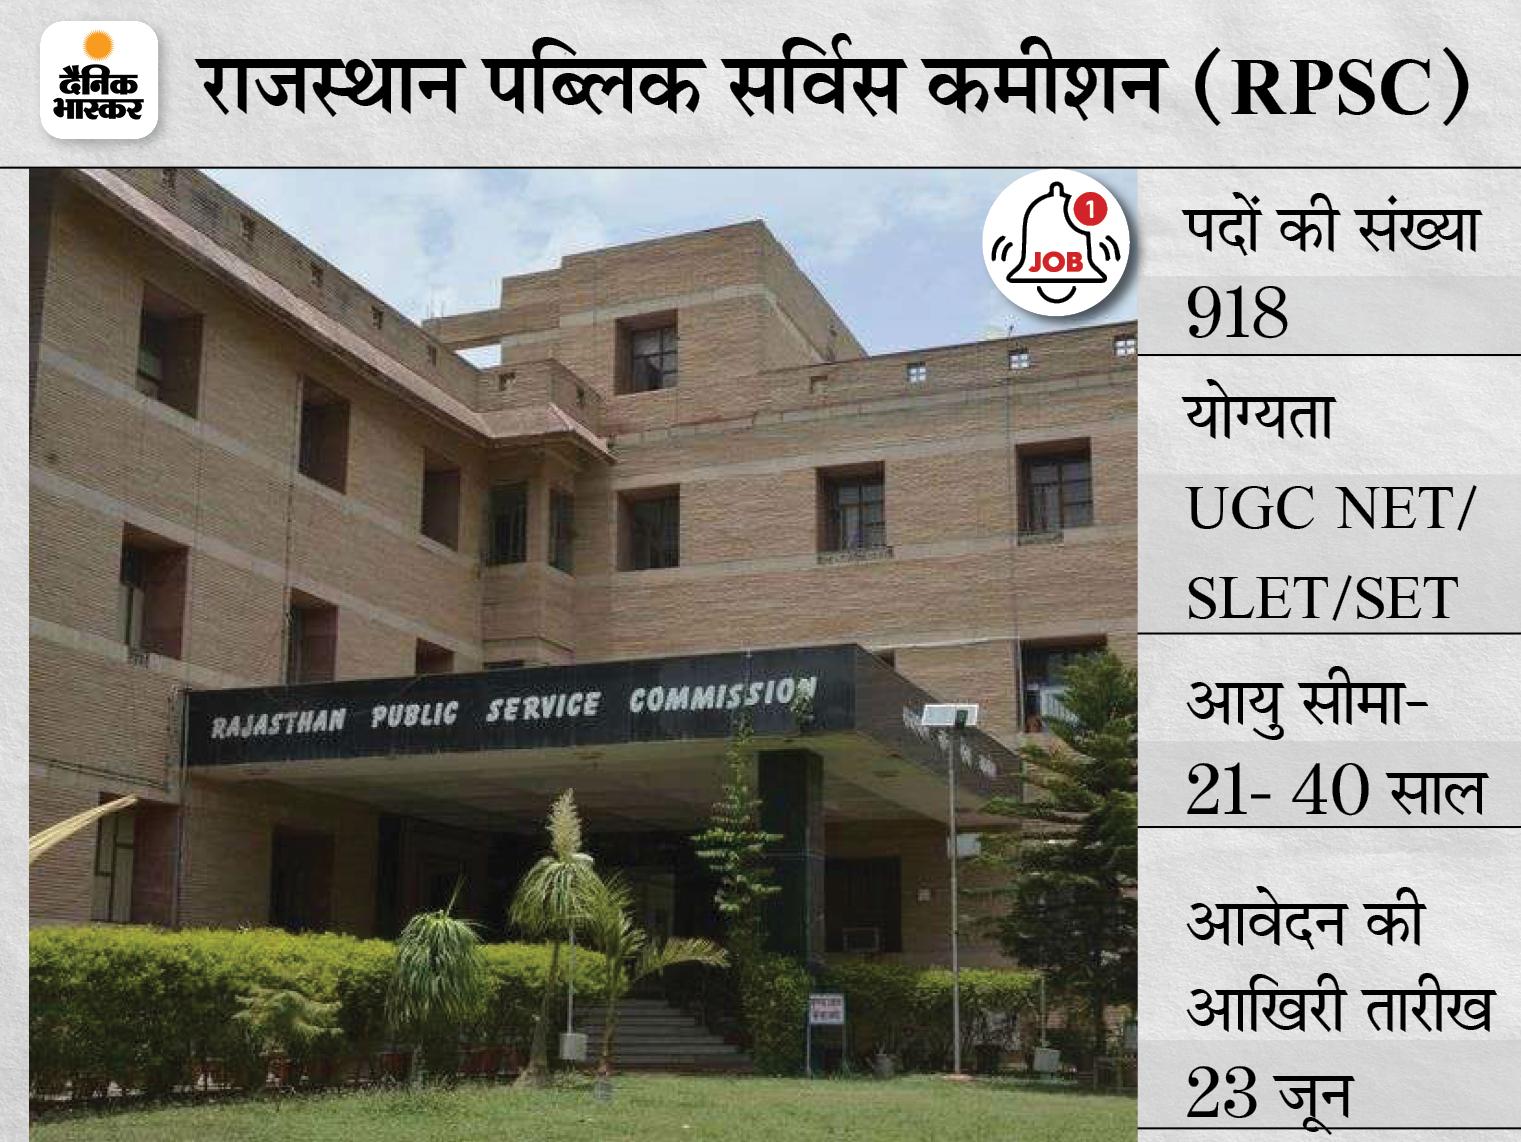 RPSC ने असिस्टेंट प्रोफेसर के 918 पदों पर निकाली भर्ती, 23 जून तक जारी रहेगी एप्लीकेशन प्रोसेस|करिअर,Career - Dainik Bhaskar